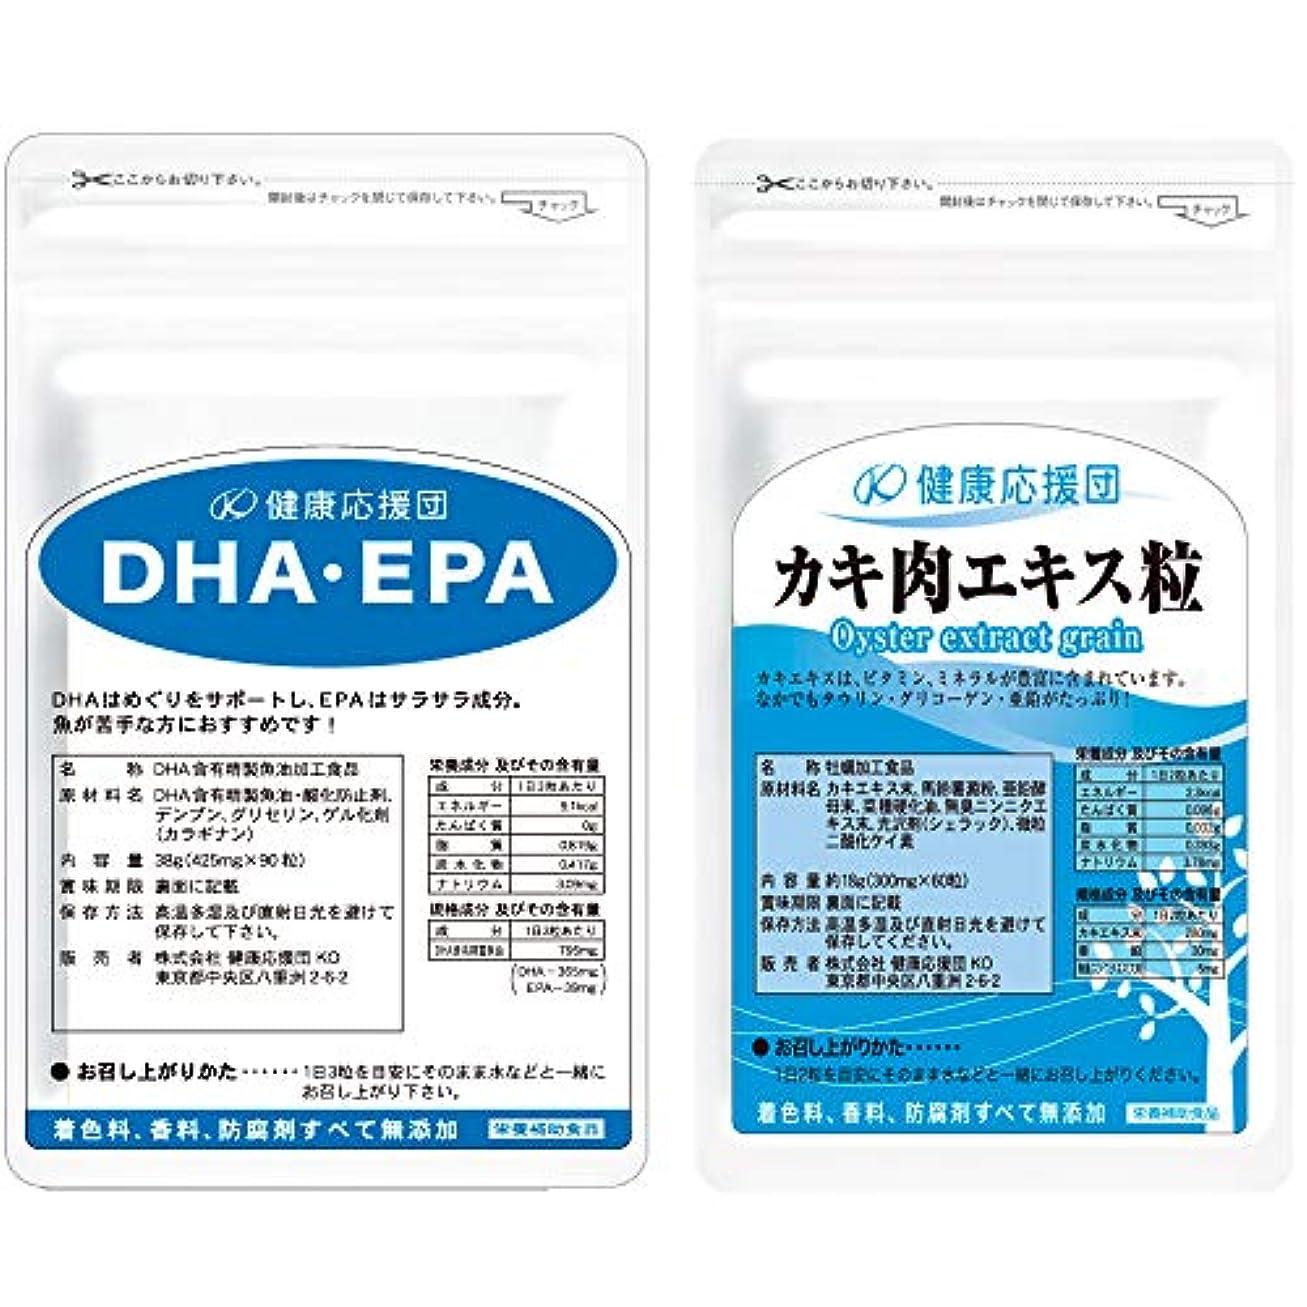 中央誕生日すばらしいです(約3か月分)海の元気セット DHA+カキ肉エキス粒 3袋&3袋セット (カキエキス+DHA?EPA?グリコーゲン?タウリン)